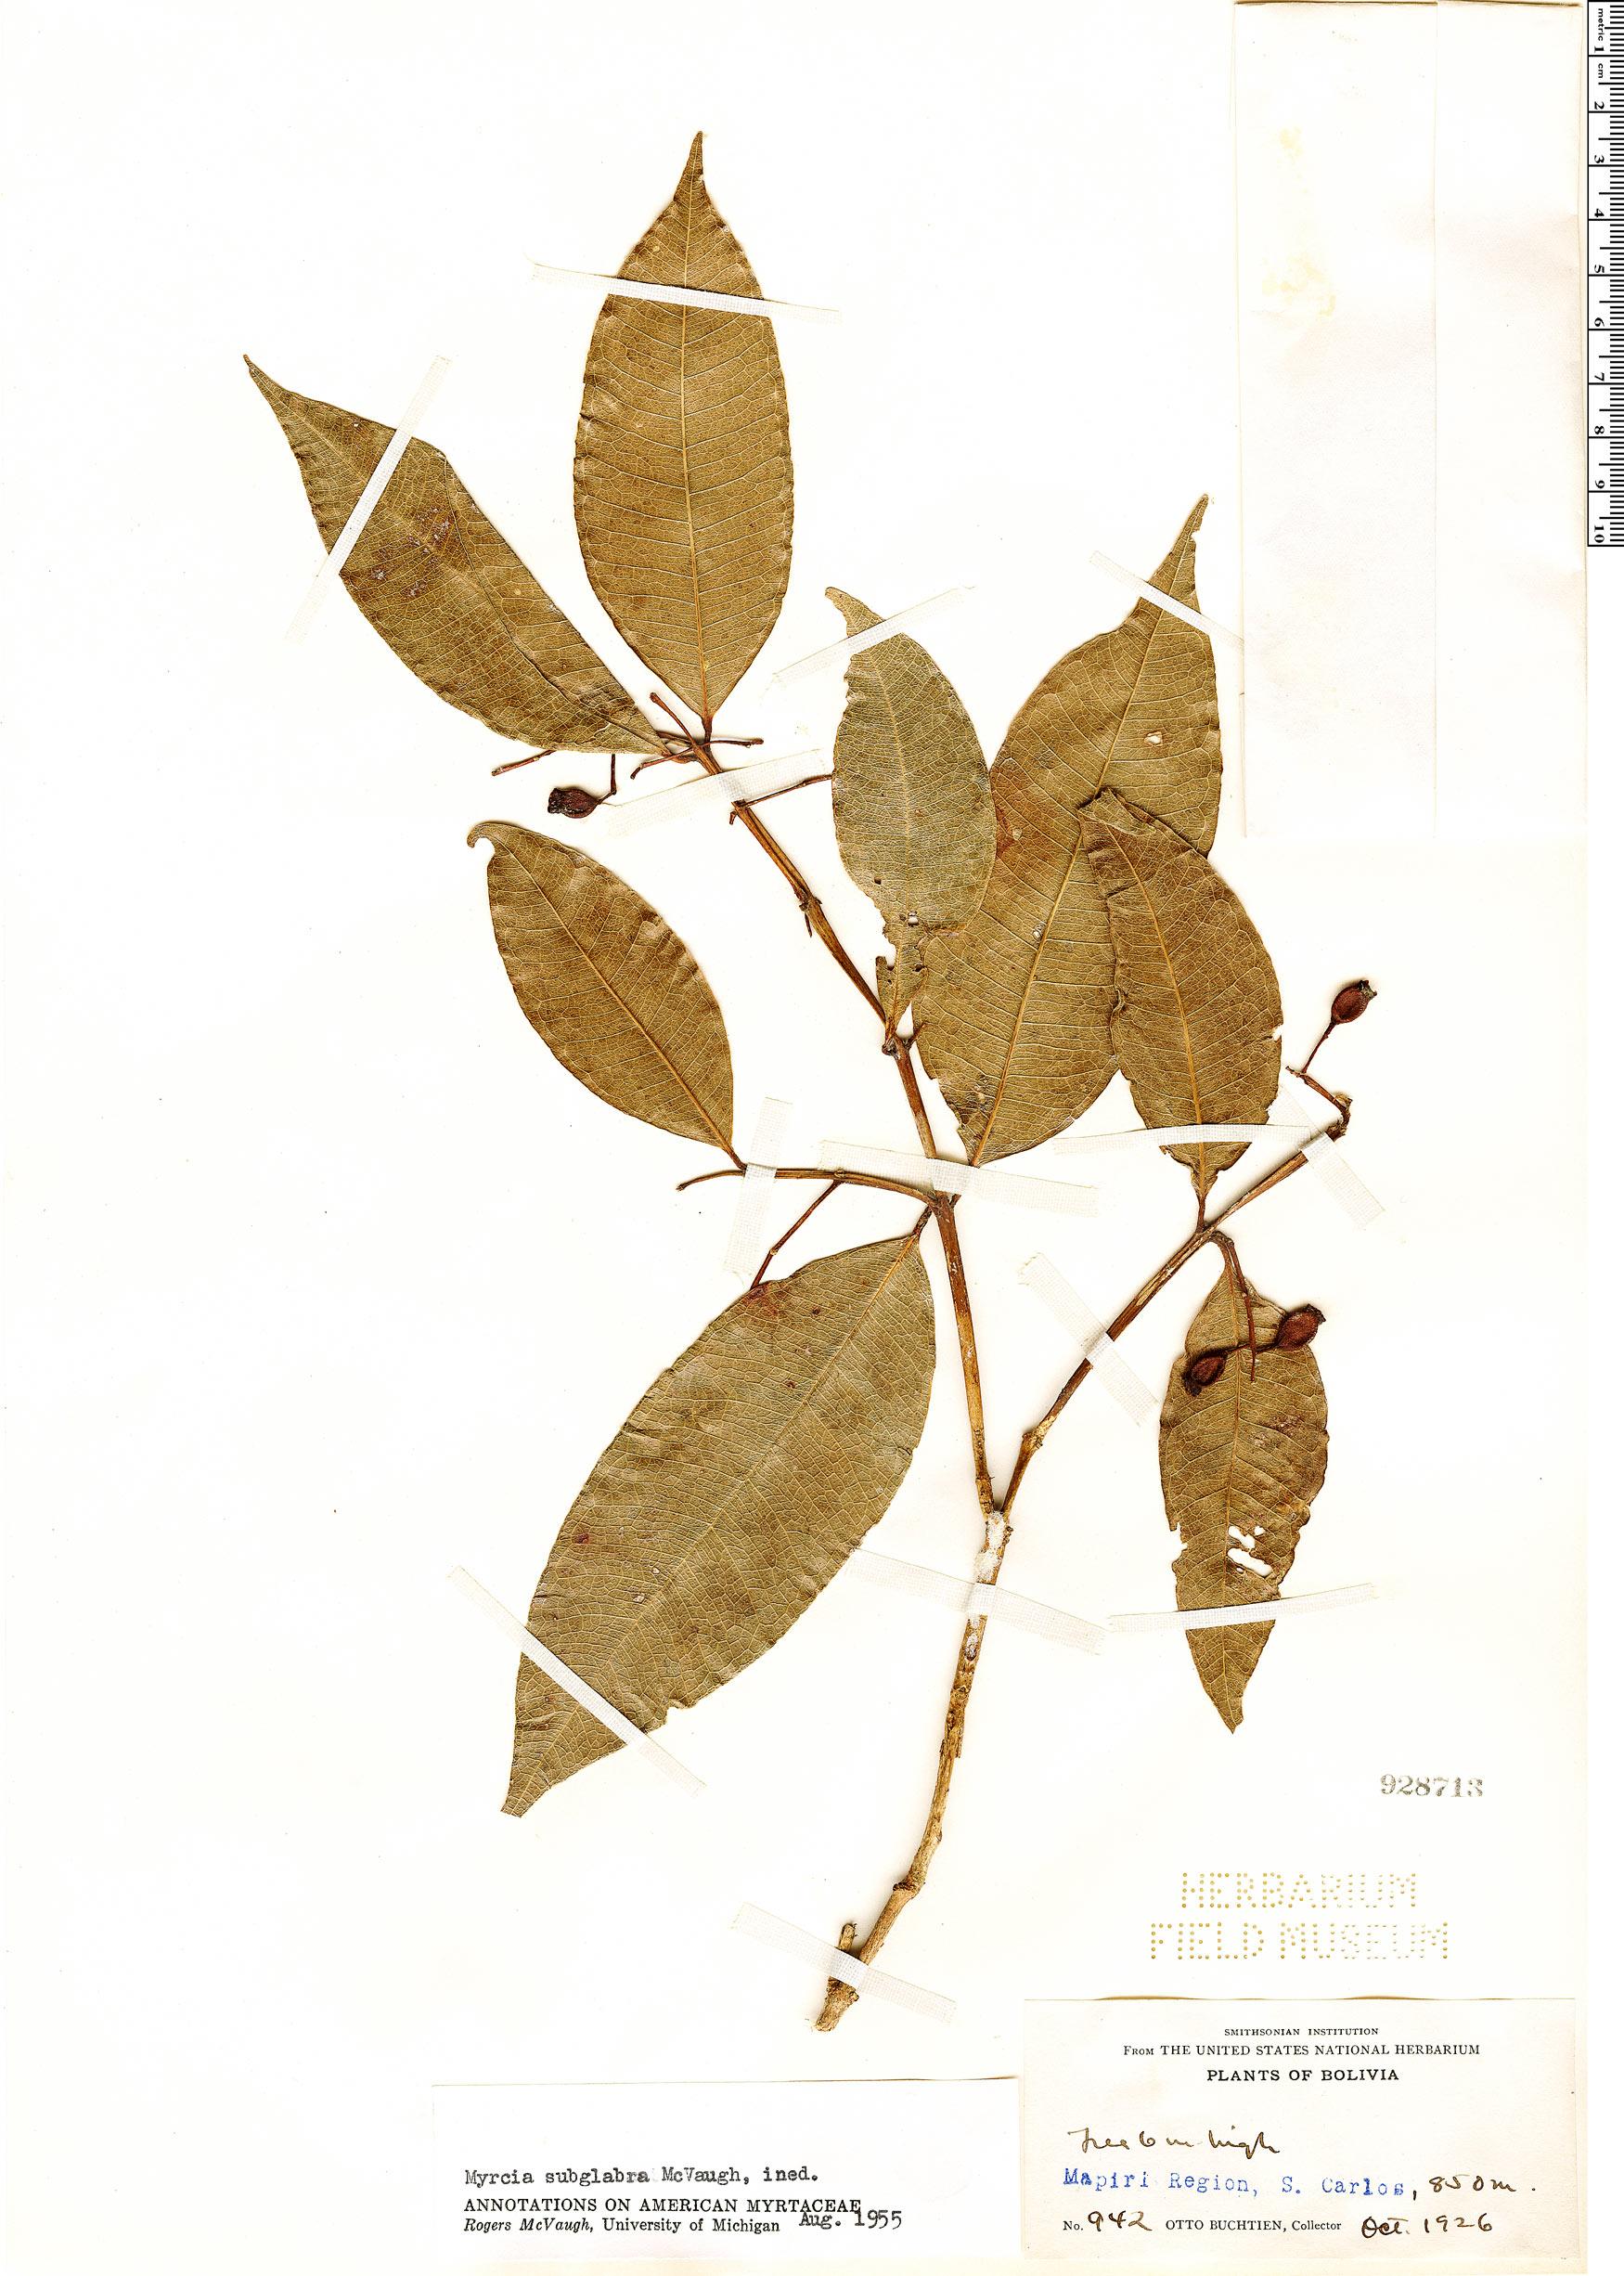 Specimen: Myrcia subglabra